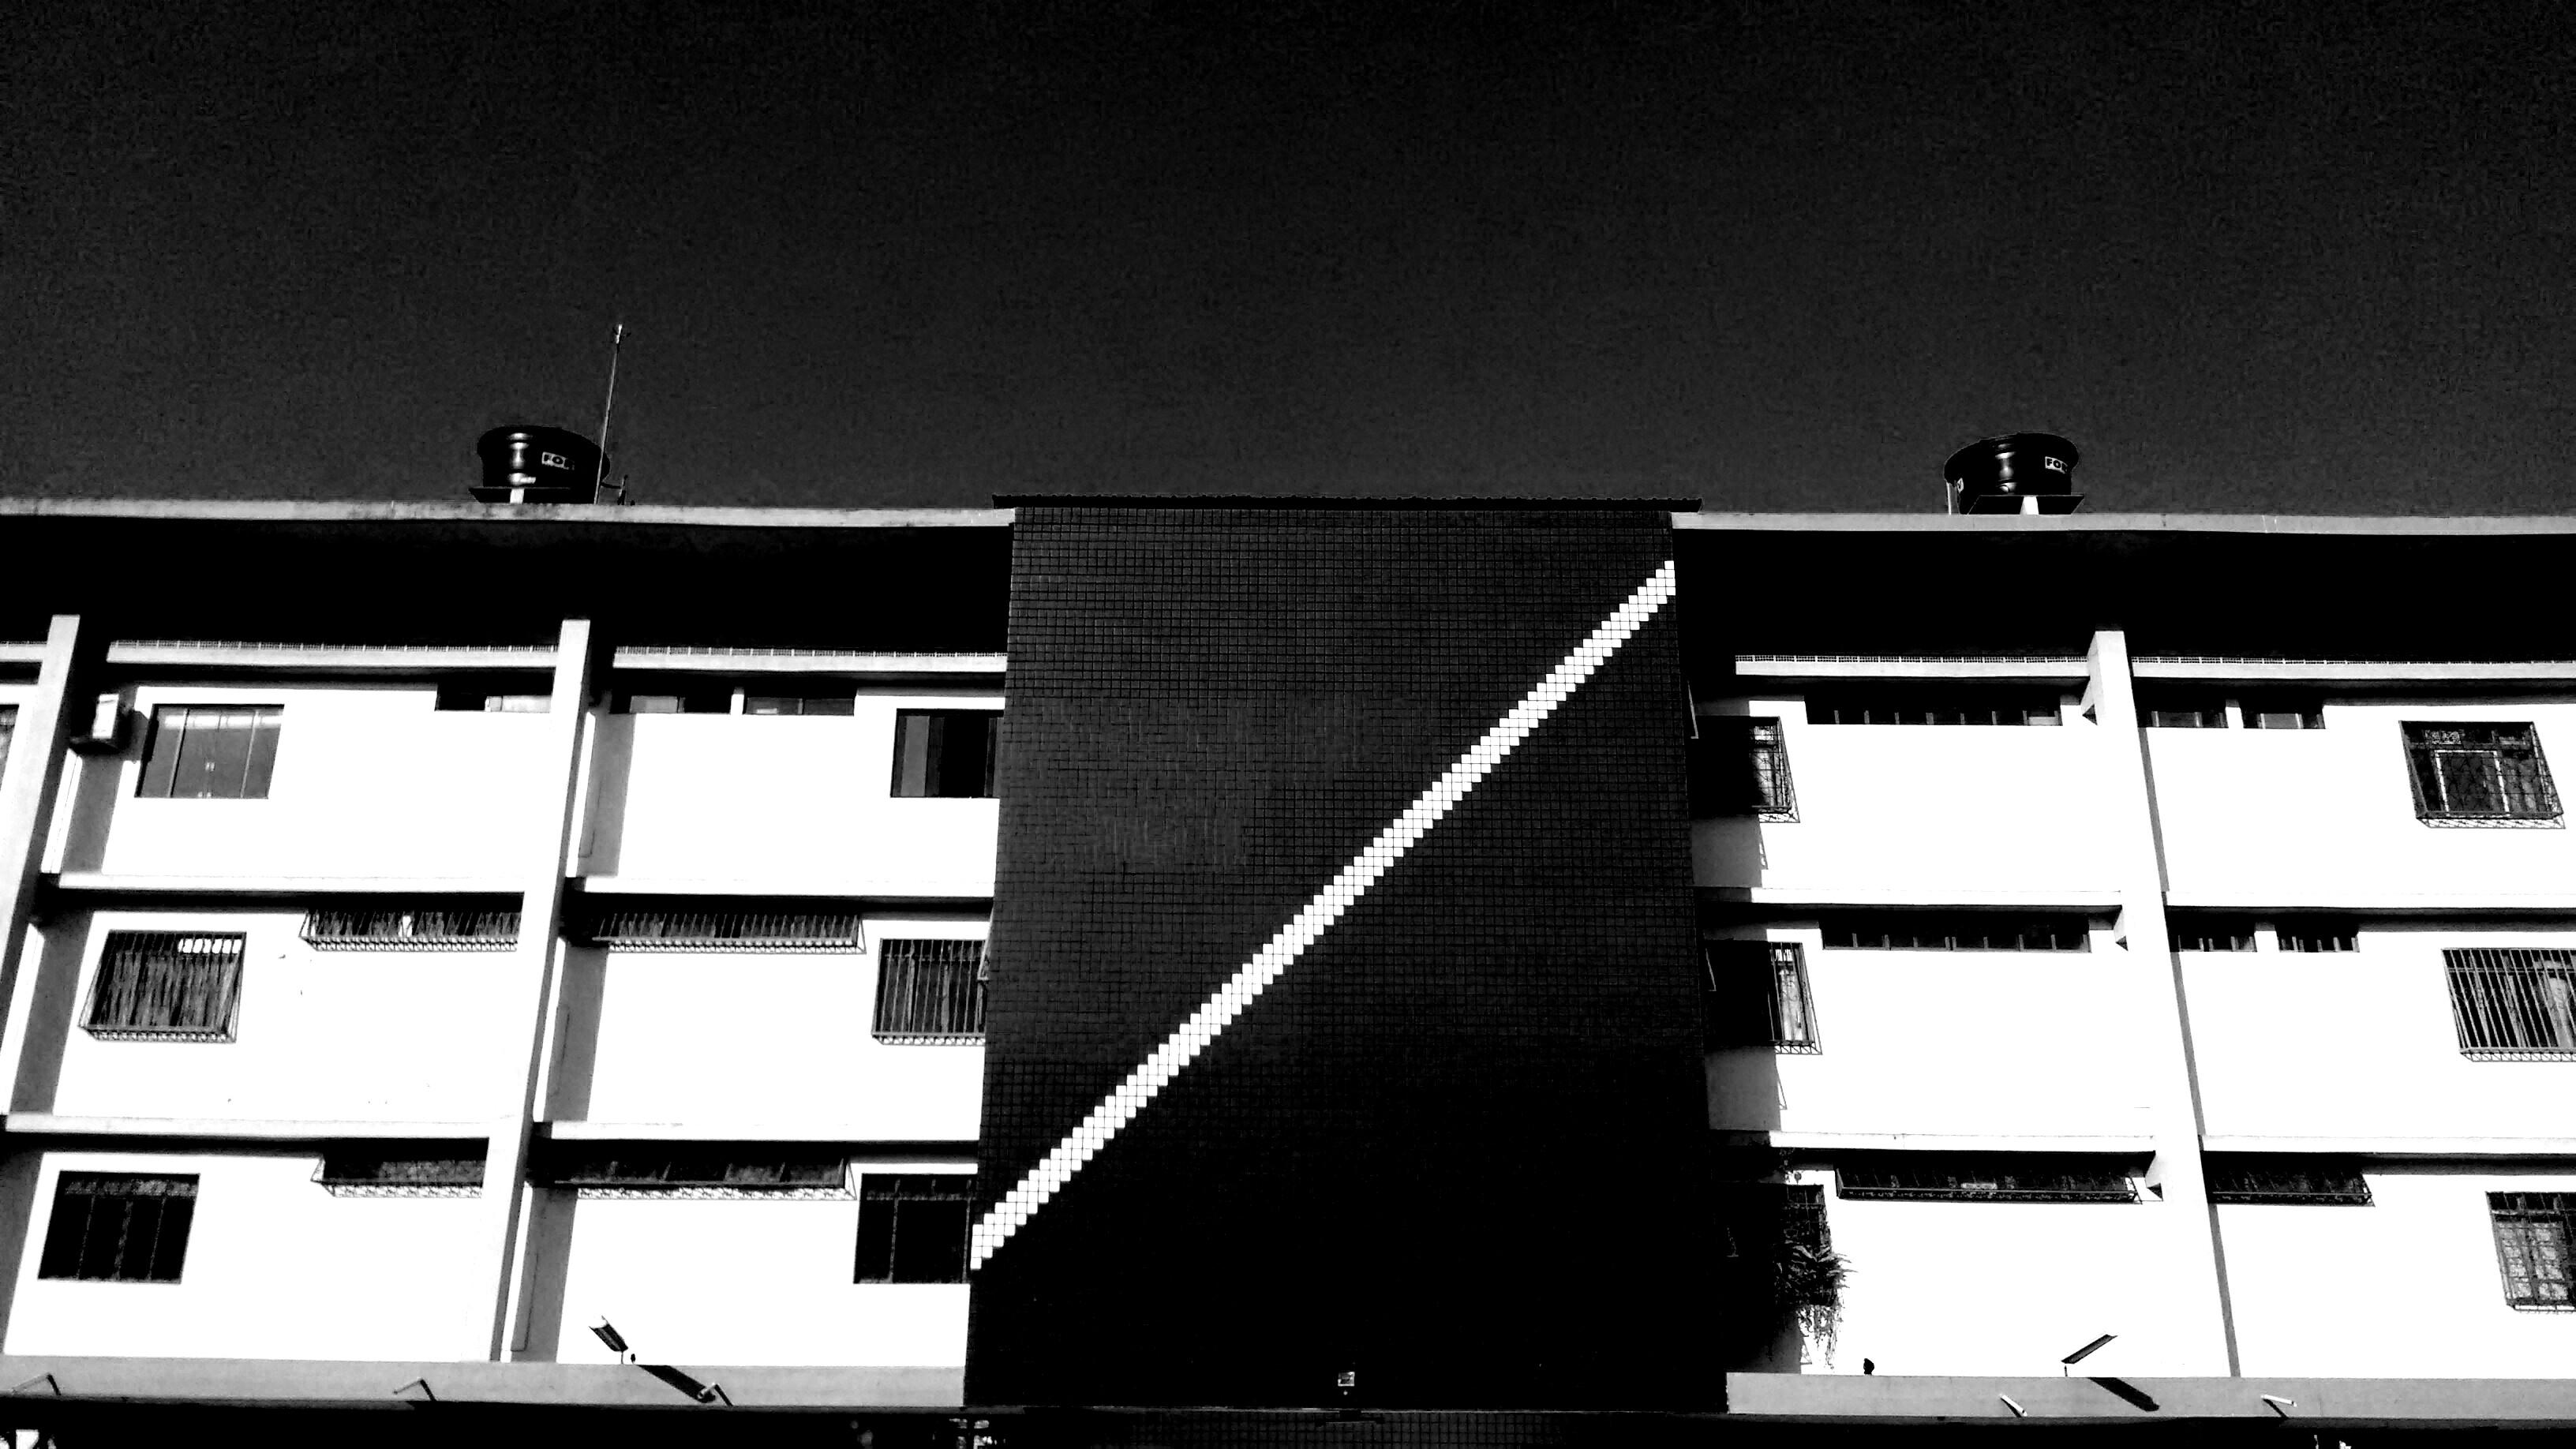 brasilia architecture